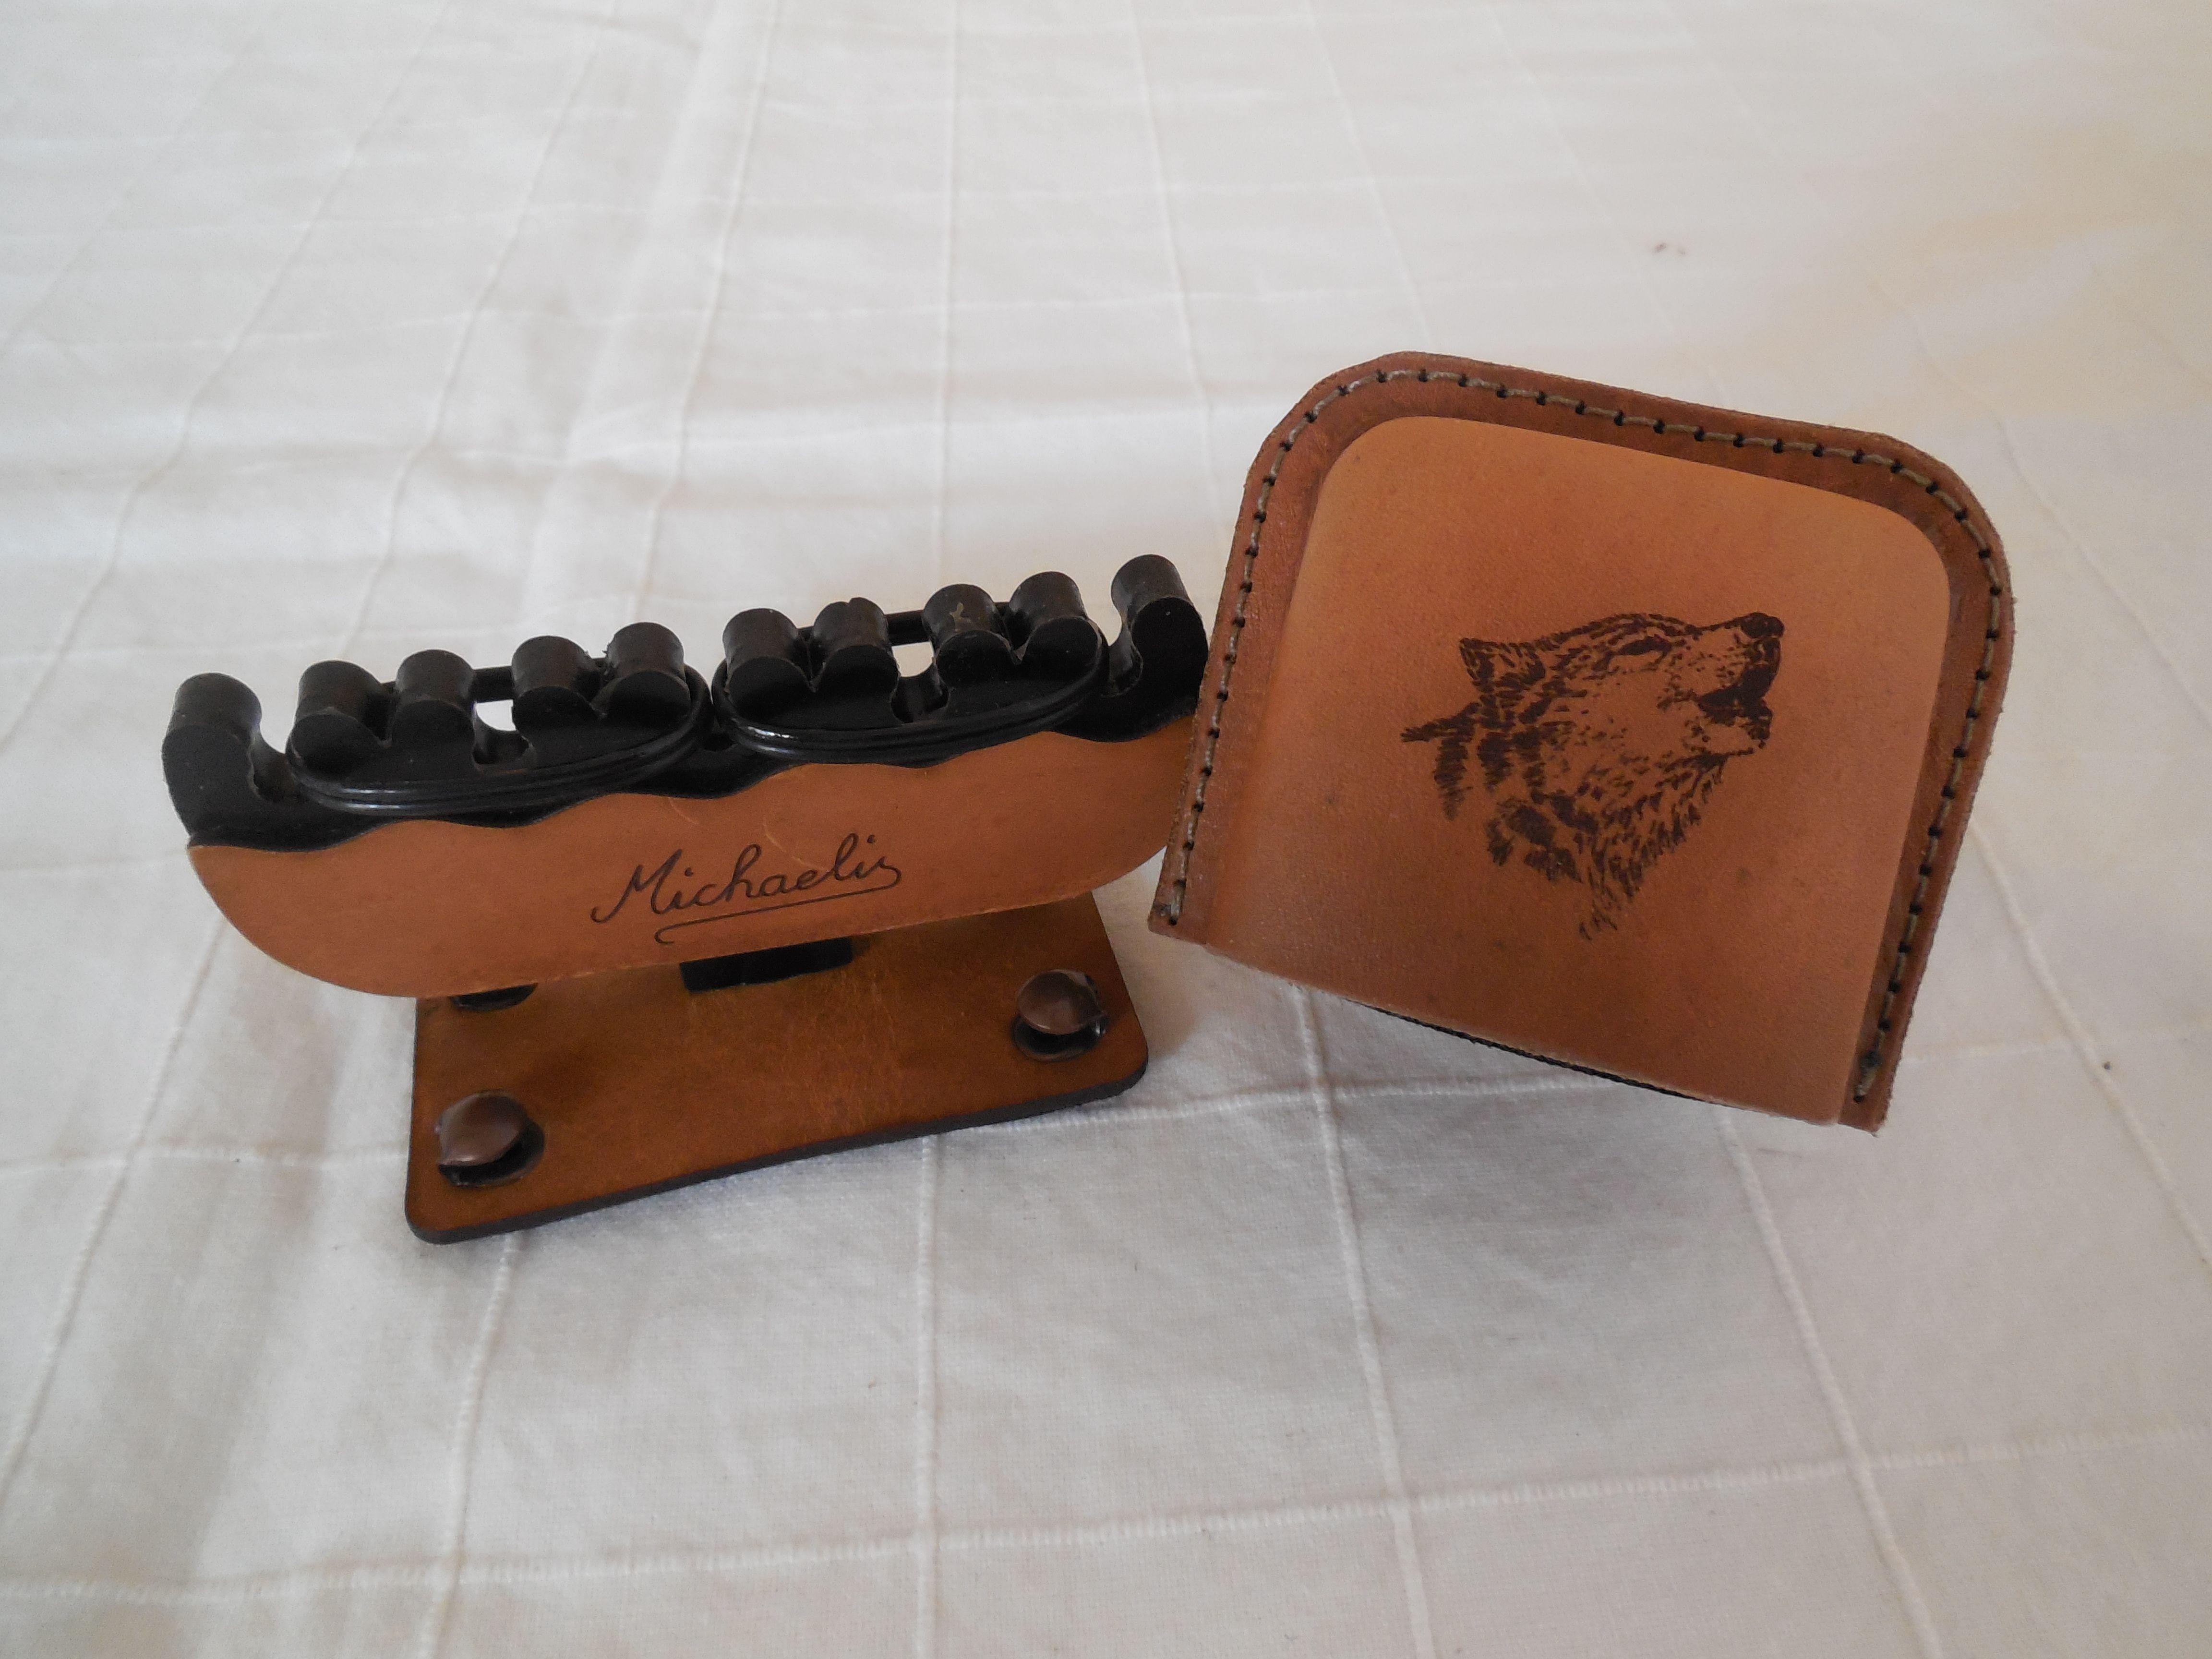 Köcher Made in Germany Lederköcher Handarbeit Bogenköcher aus echtem Leder.  120,00€ Bogensport